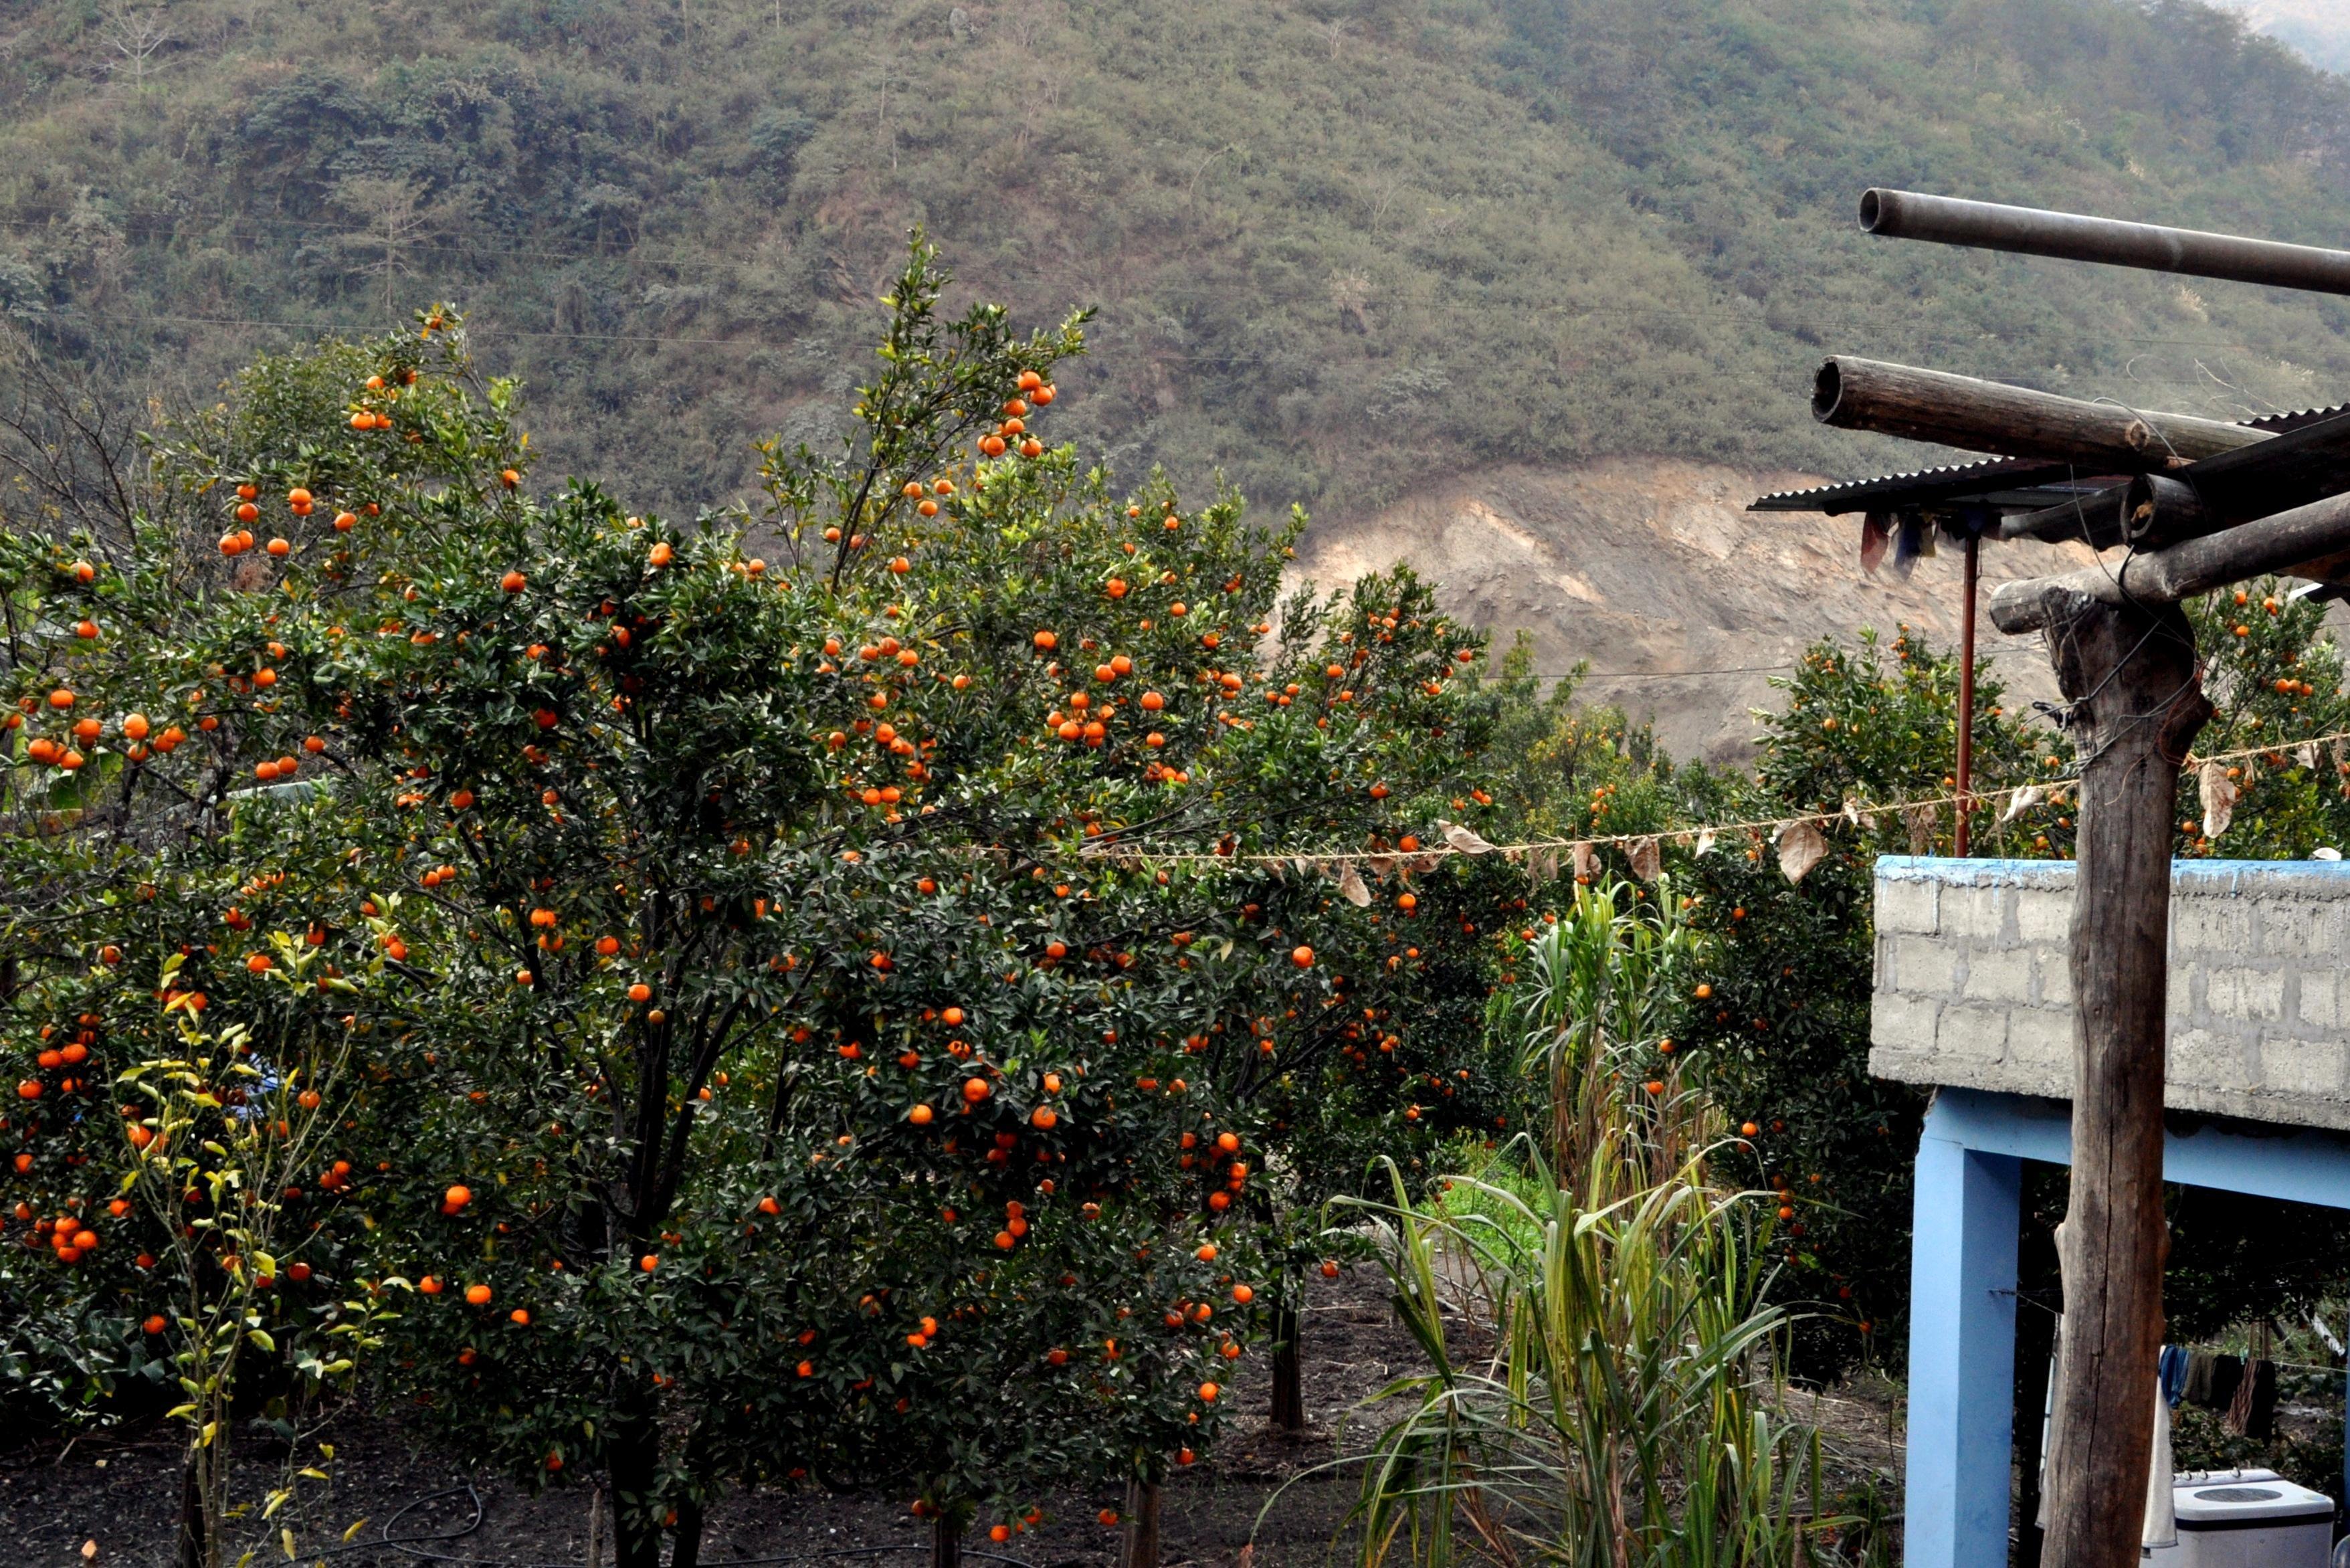 aranceti e alberi da frutto in generale qui di sicuro non mancano